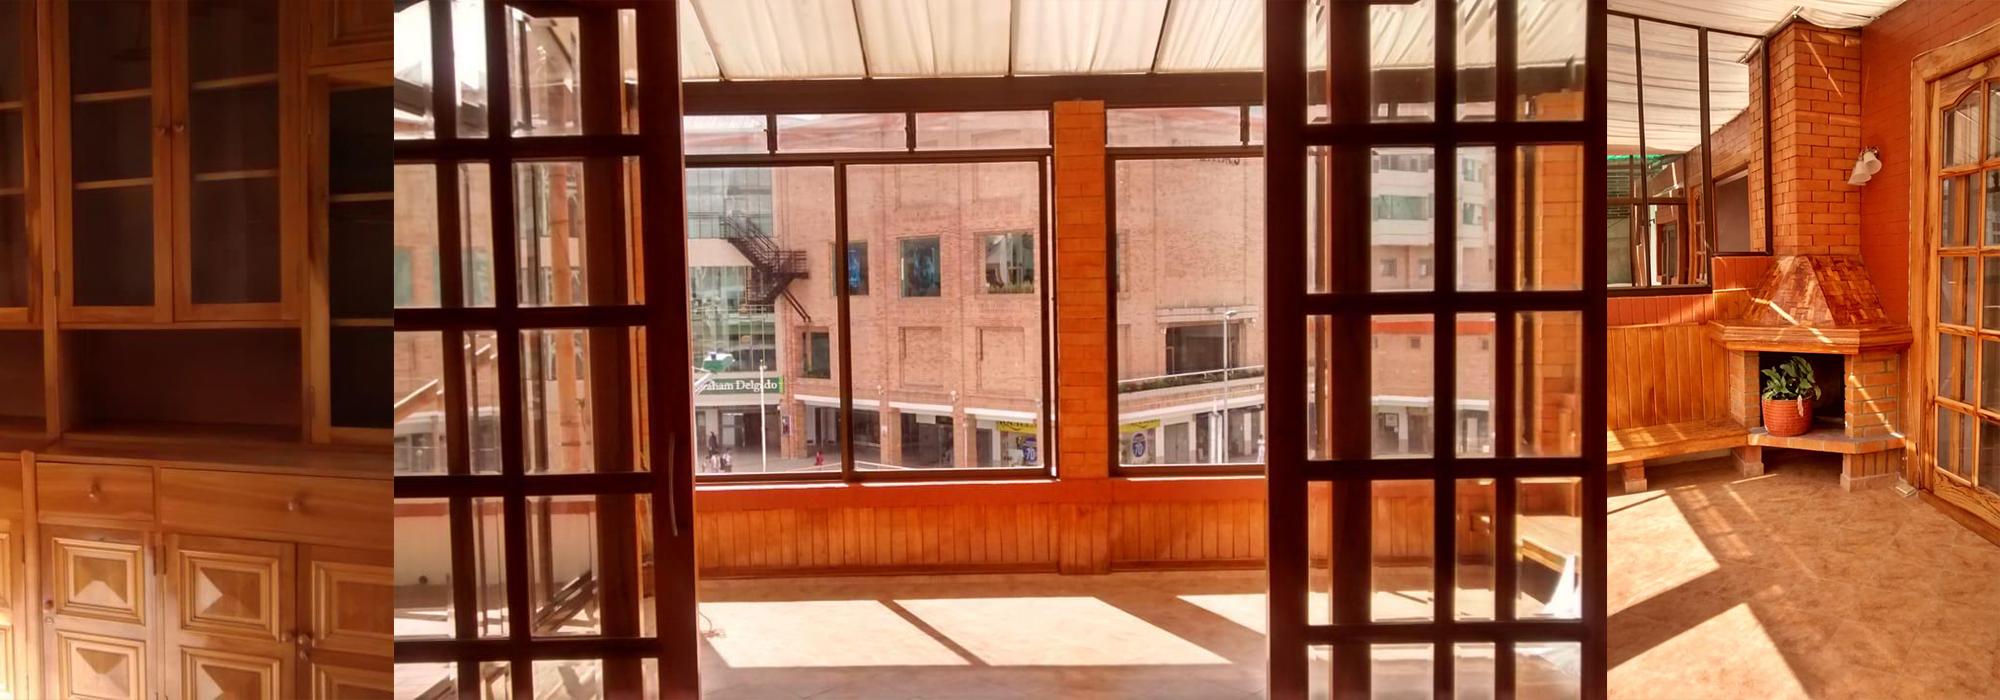 APARTAMENTO EN ARRIENDO. SECTOR NORTE. (200m²)